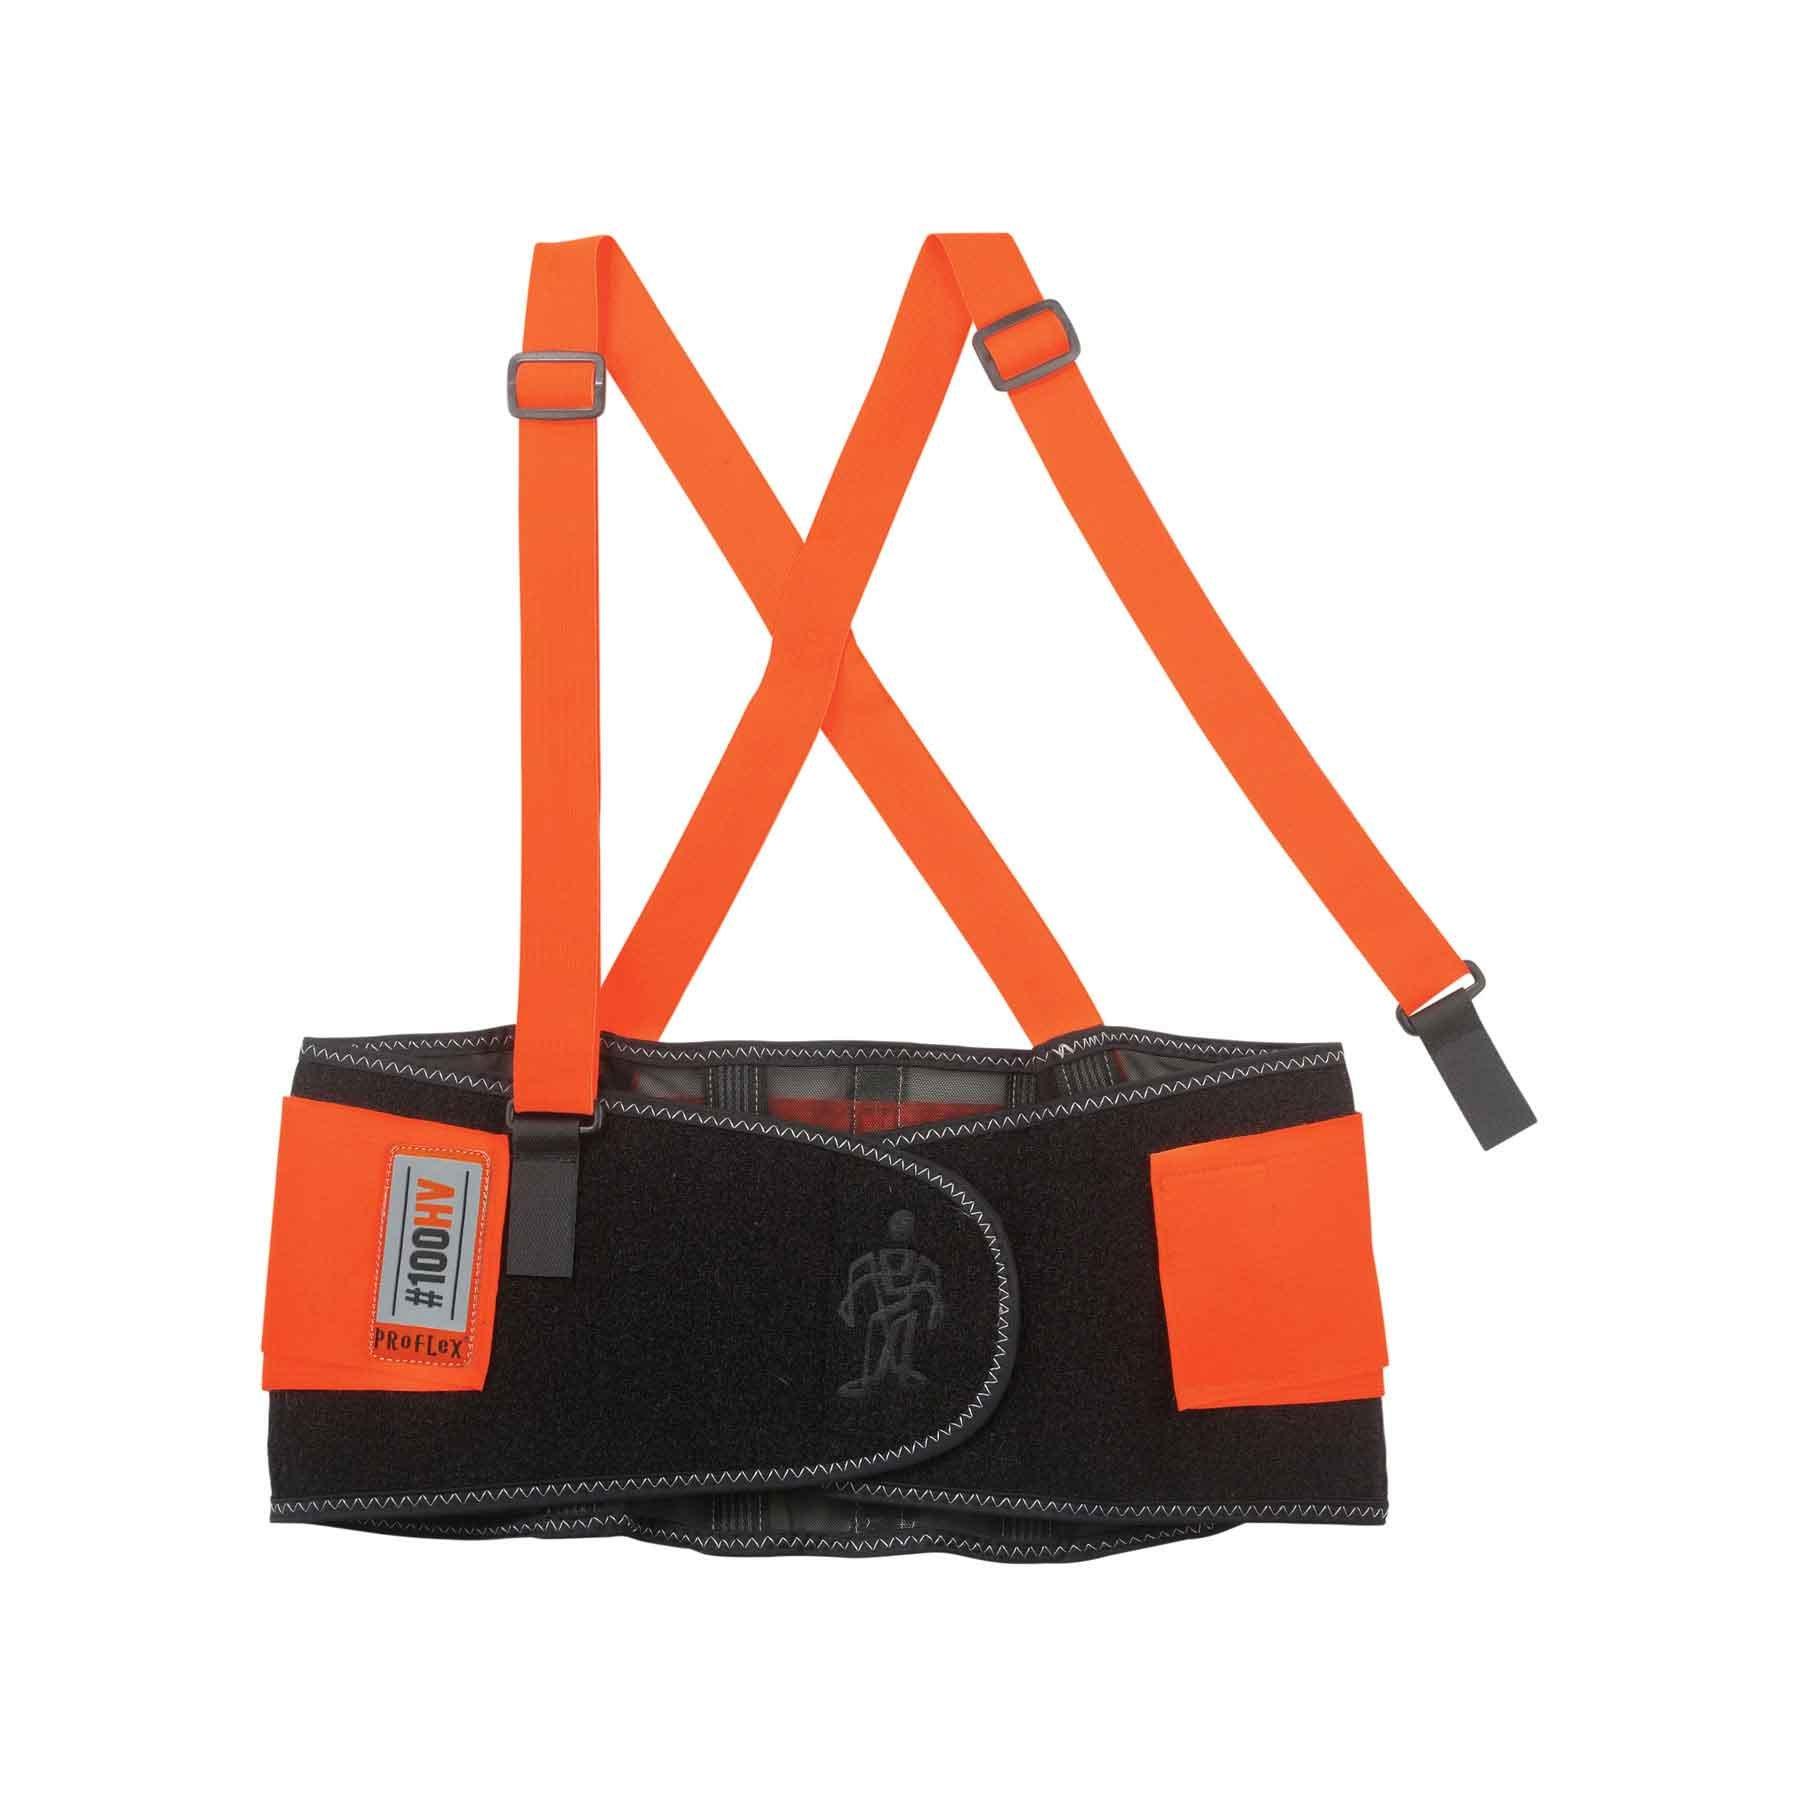 ERGODYN 11885 ProFlex 100HV XL Orange